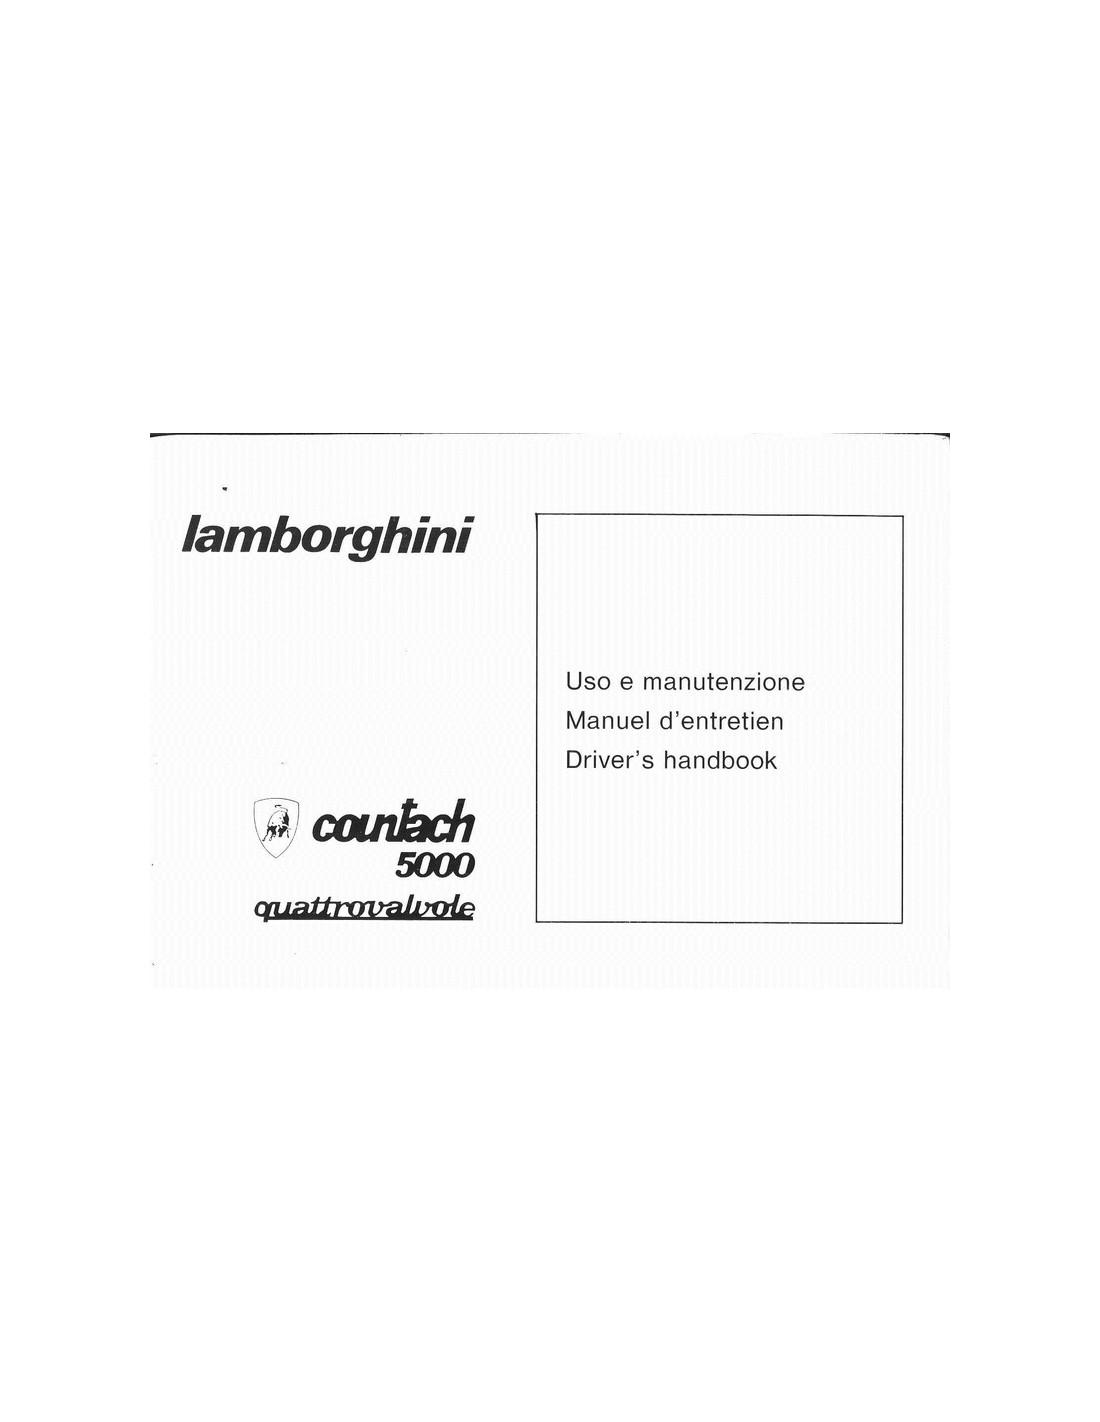 1986 LAMBORGHINI COUNTACH 5000 QV POUCH